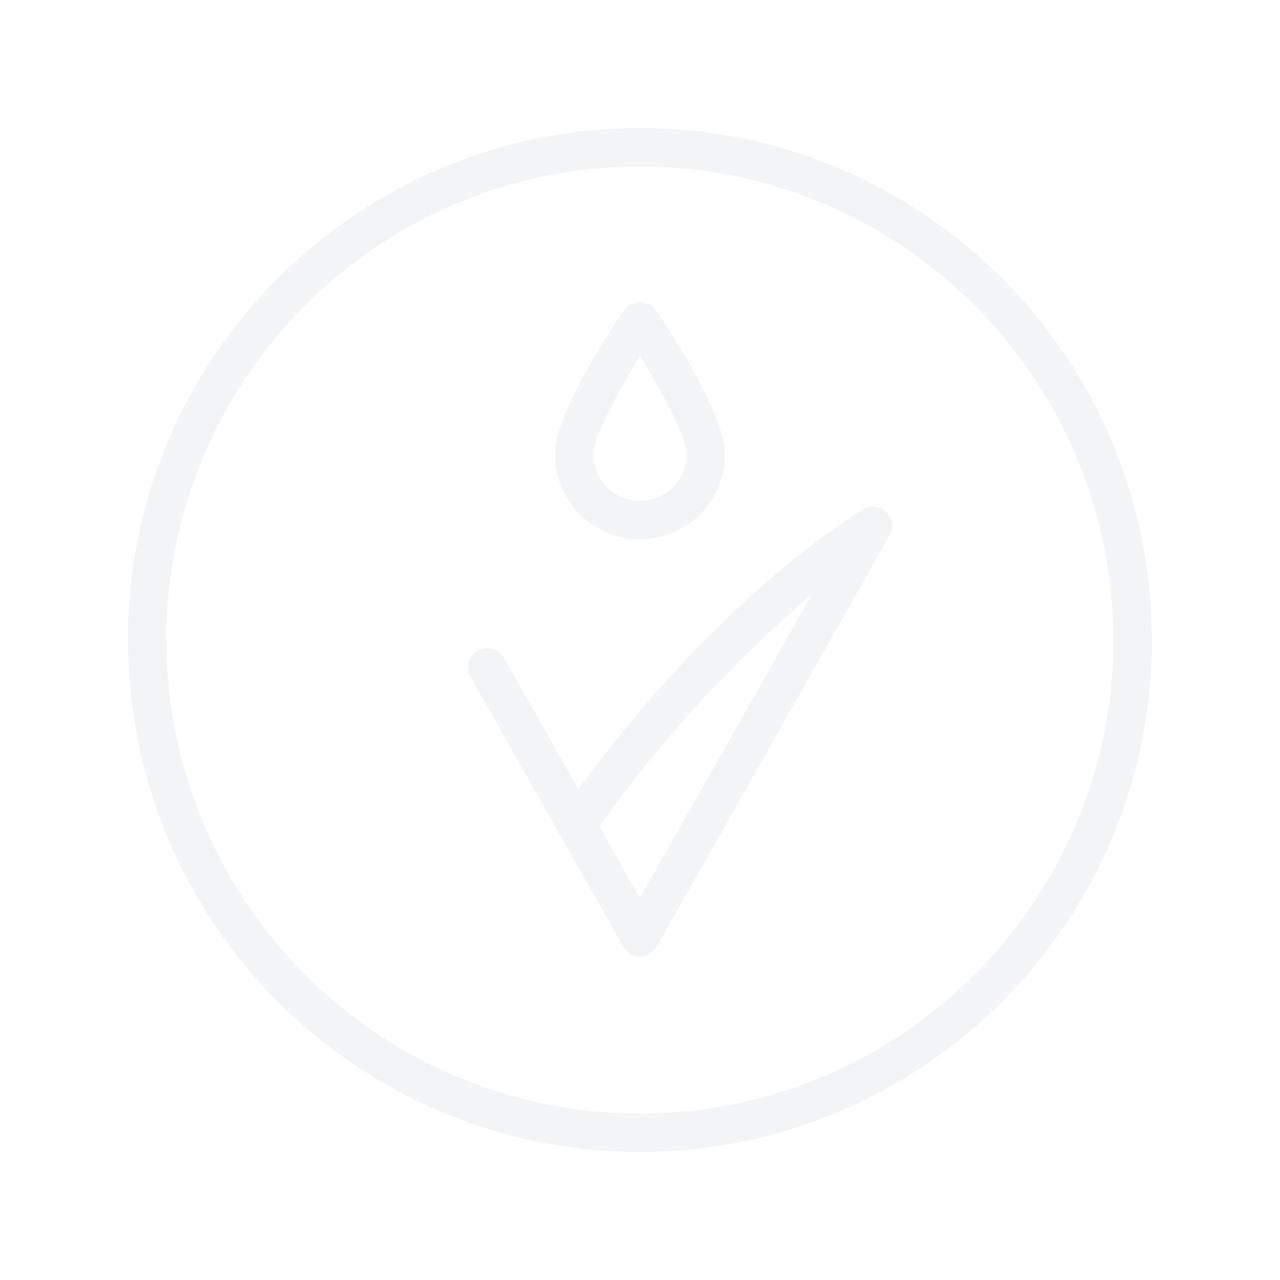 GIVENCHY Dahlia Divin Le Nectar De Parfum Eau De Parfum